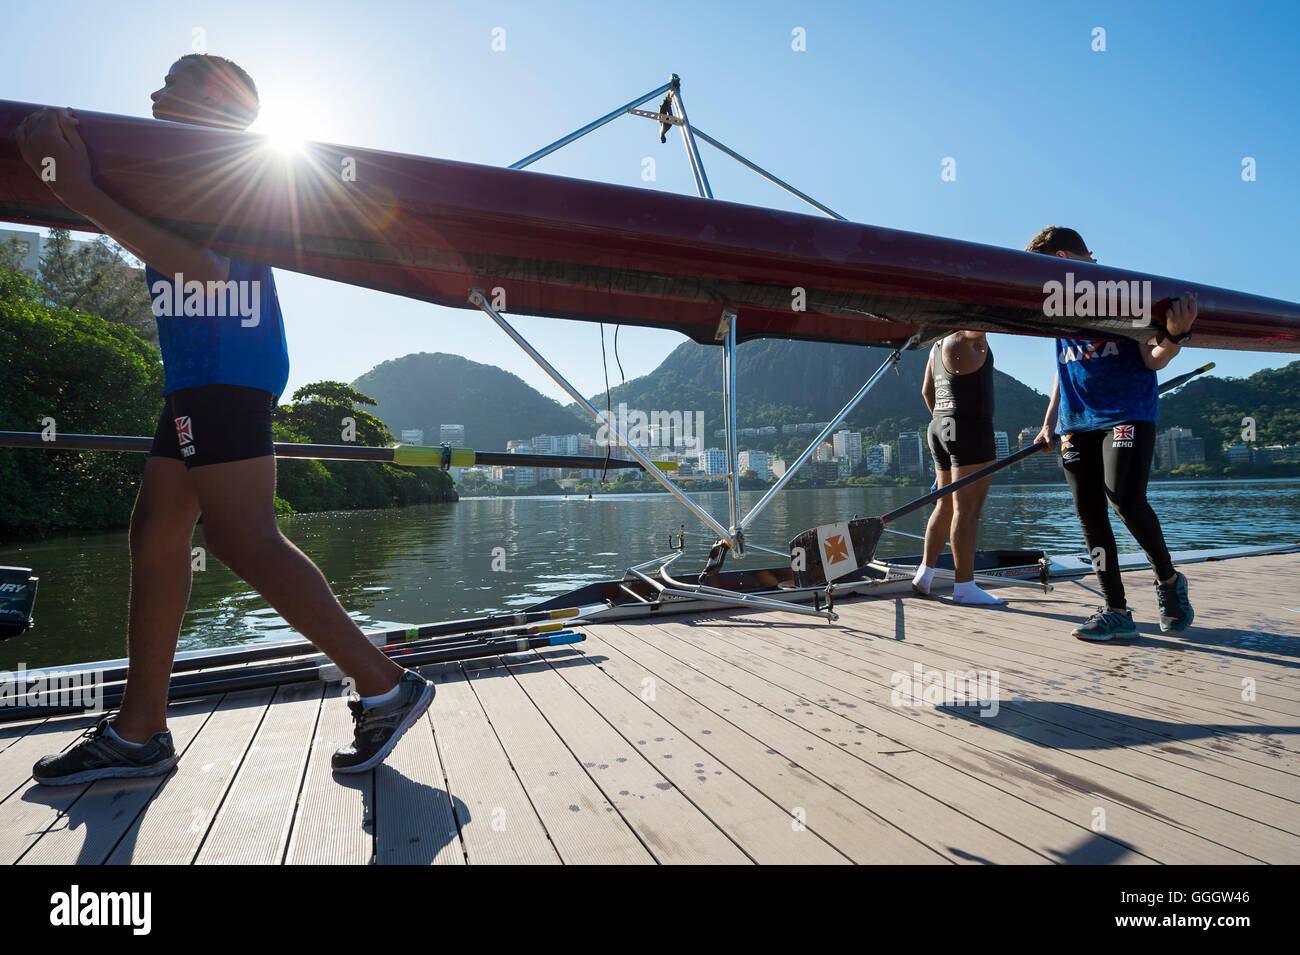 RIO DE JANEIRO - Marzo 22, 2016: Después del entrenamiento, una mujer brasileña de remero lleva su barco Imagen De Stock